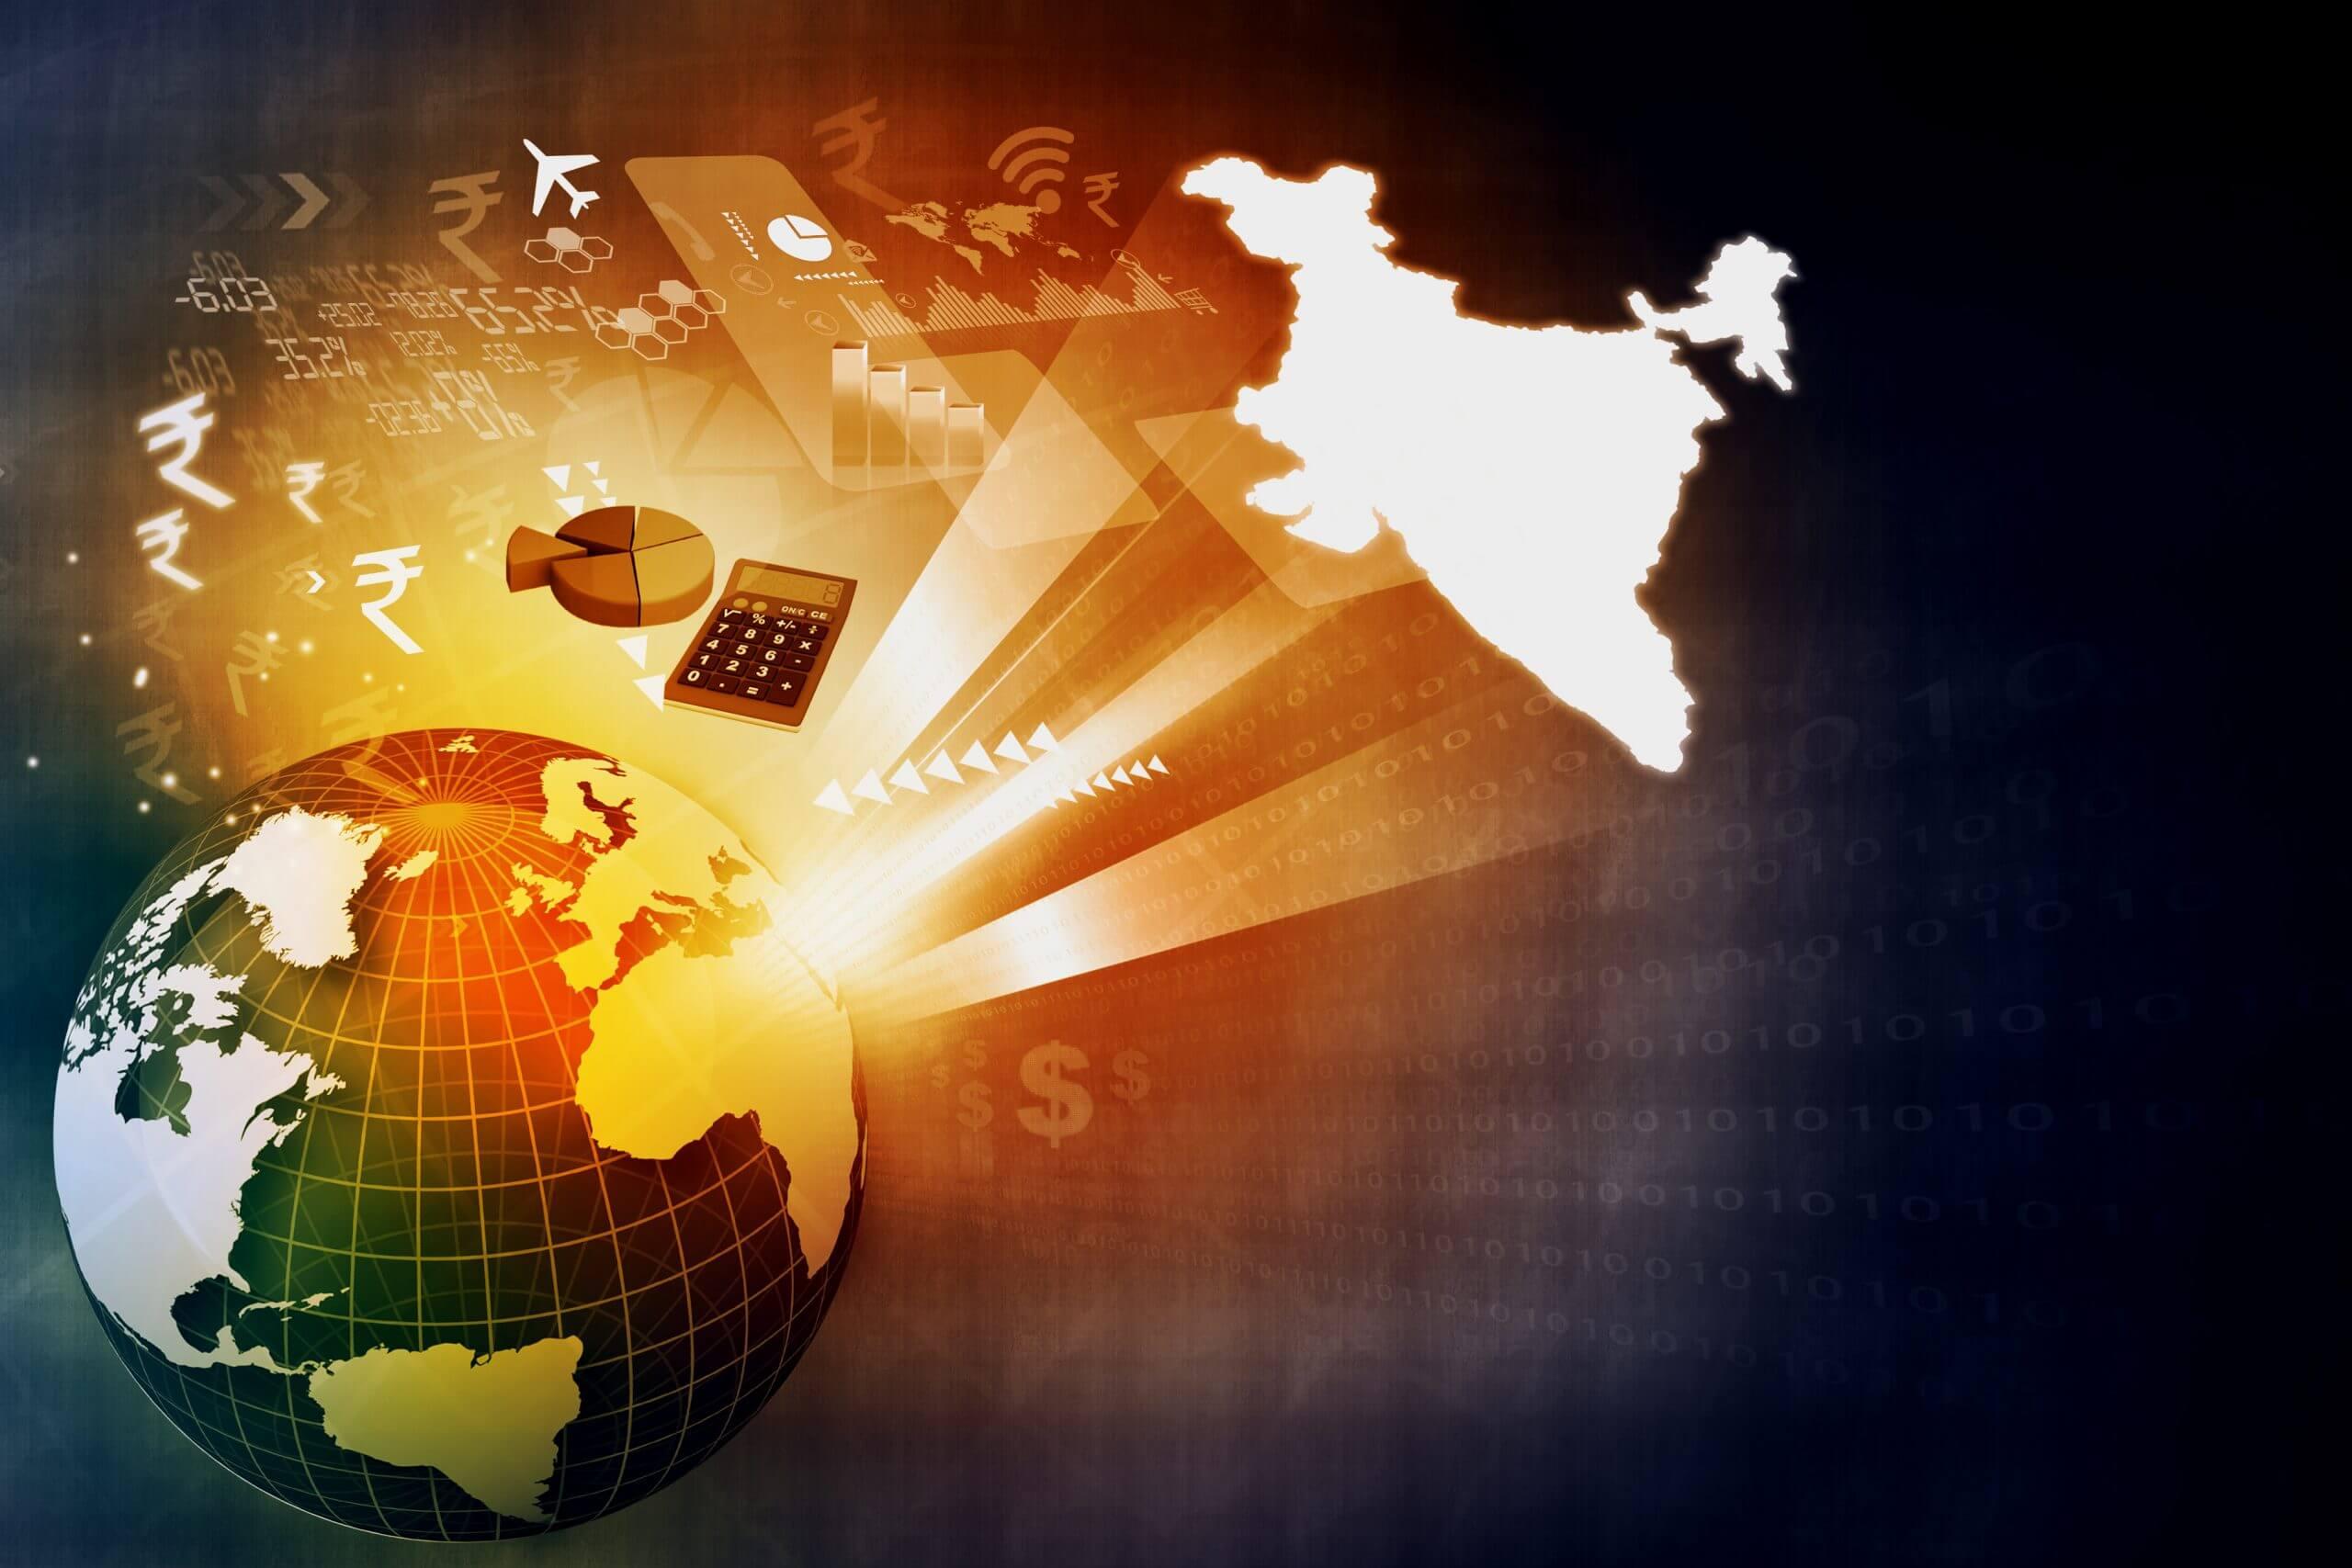 राष्ट्रीय मुद्रीकरण योजना (एनएमपी) – भारतीय अर्थव्यवस्था को बल प्रदान करना